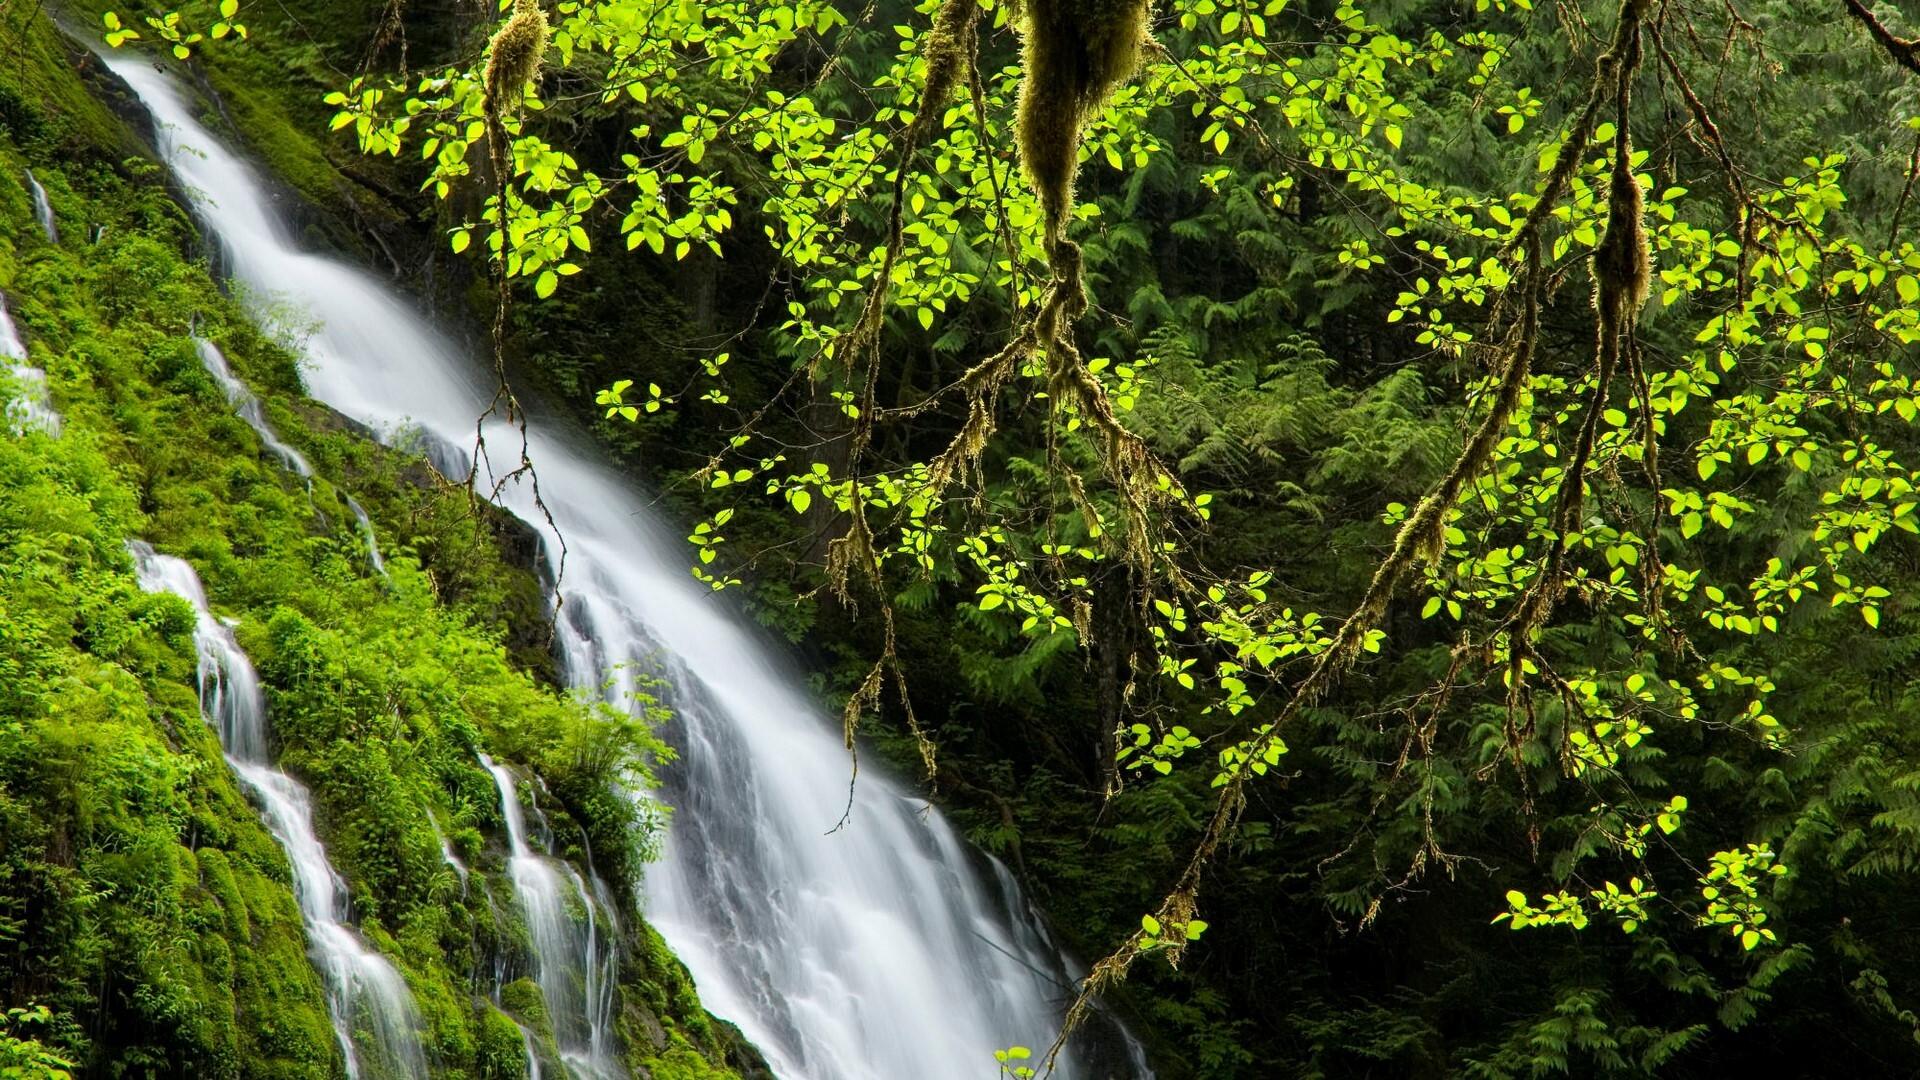 Nice HD Waterfall In Green Jungle Wallpaper